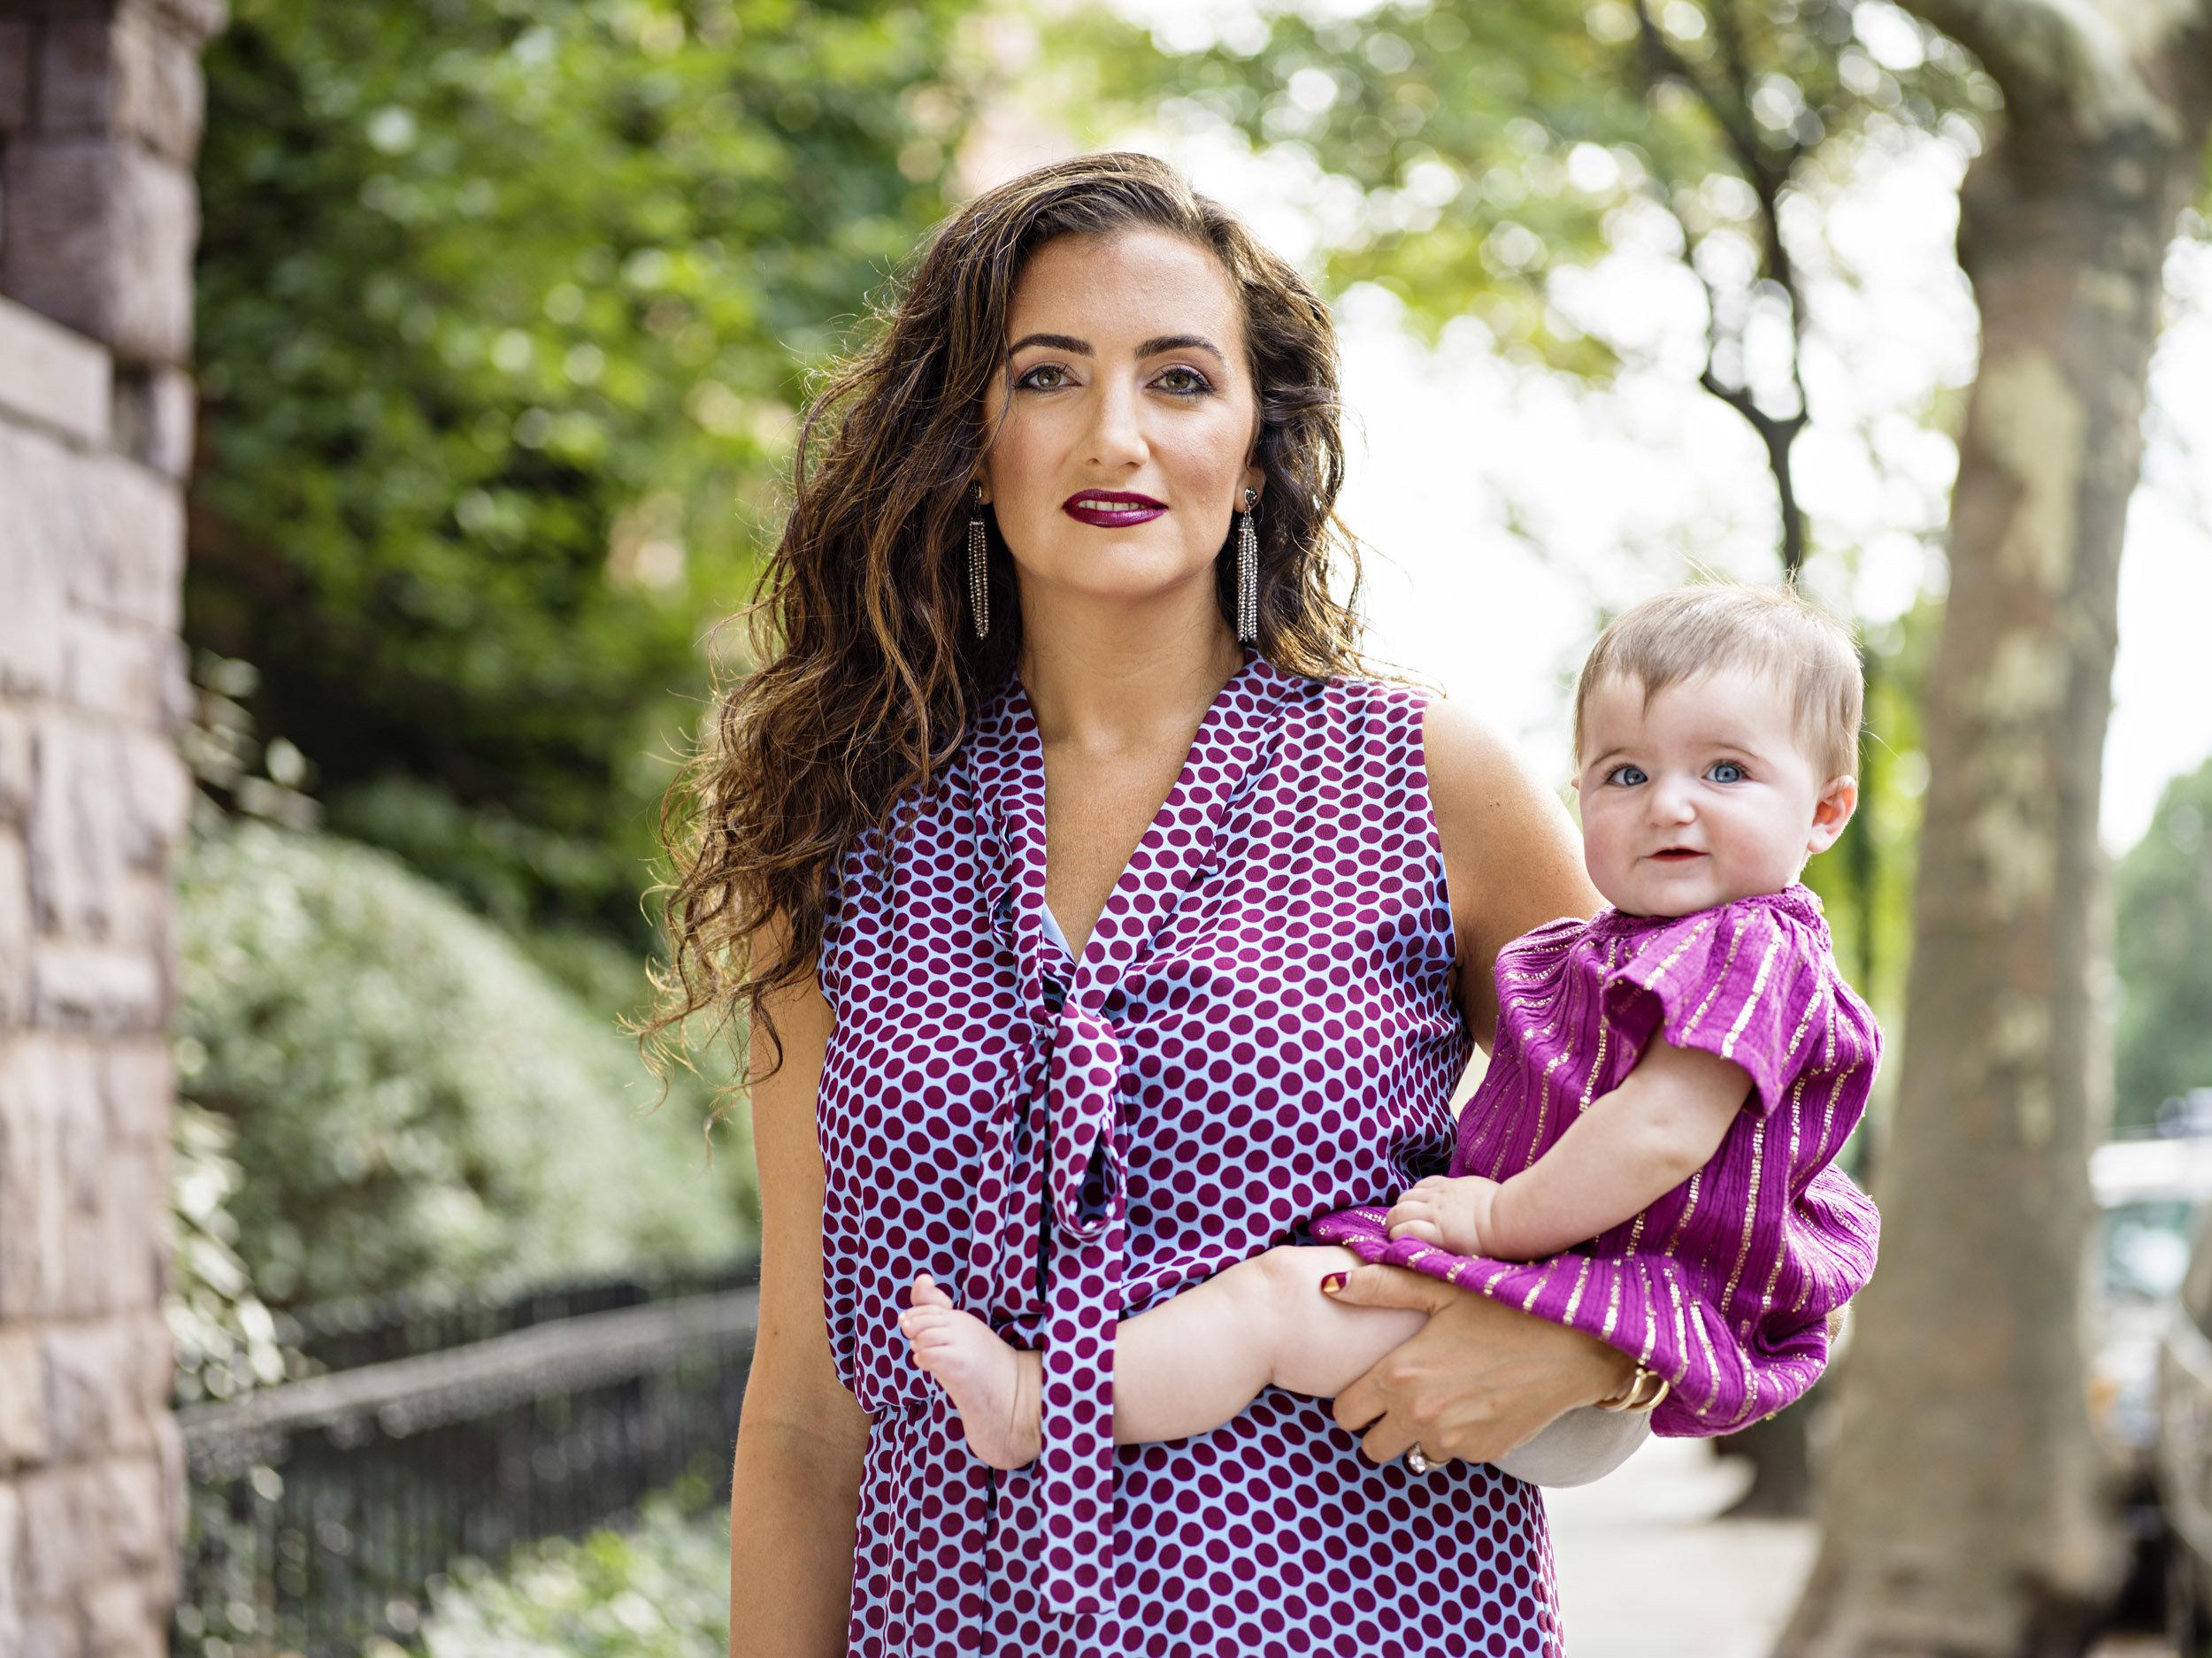 Jennifer Hyman with her daughter Aurora